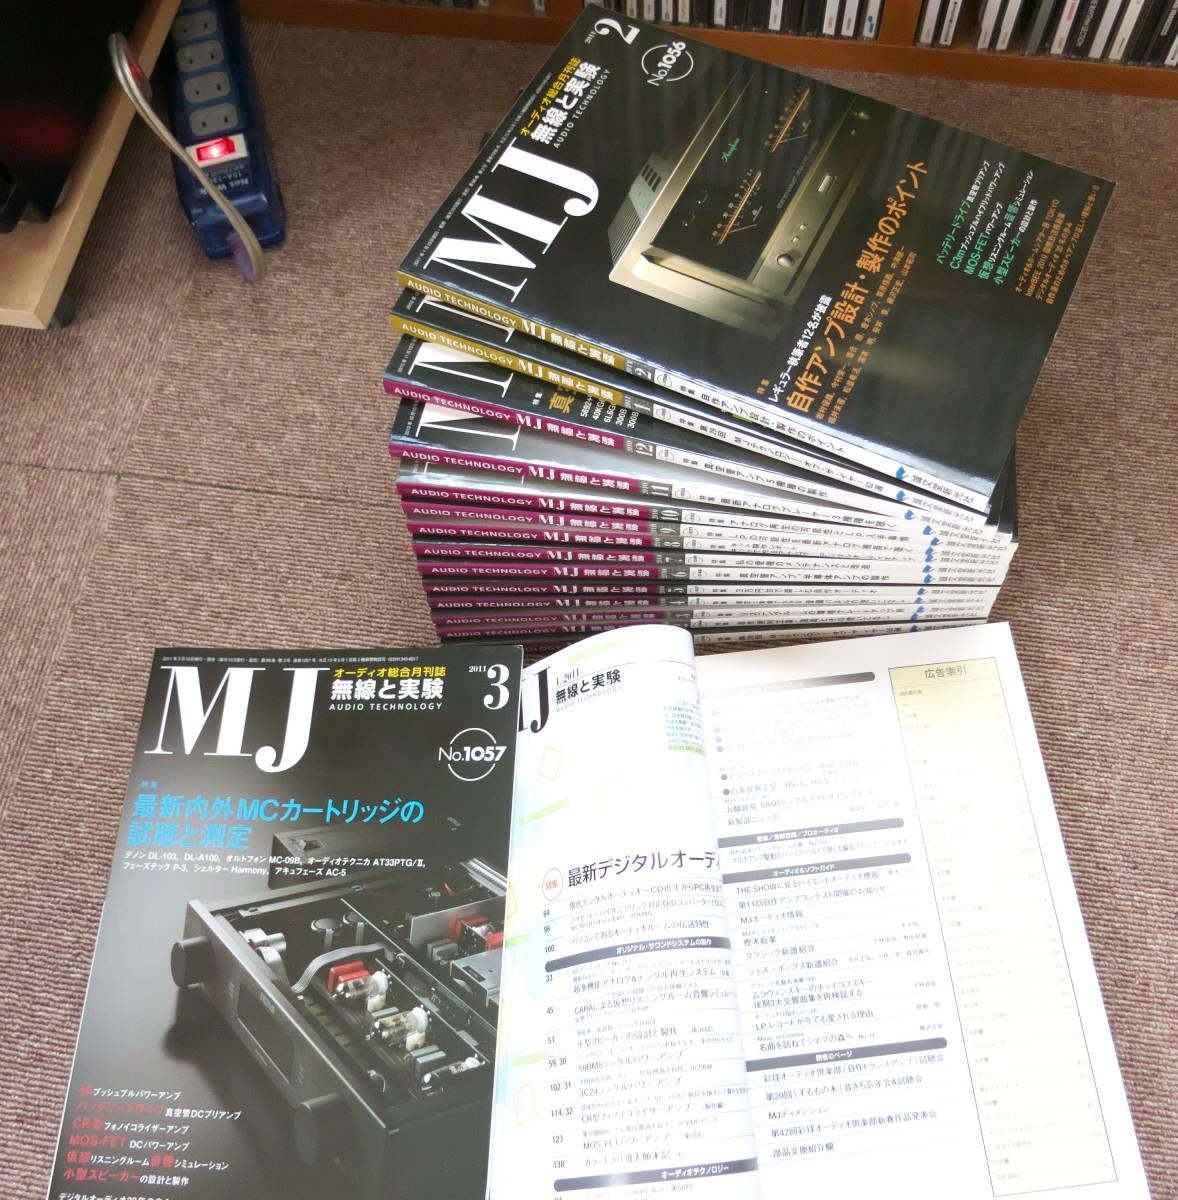 MJ 無線と実験2010年1月号~2011年4月号 16冊_画像4